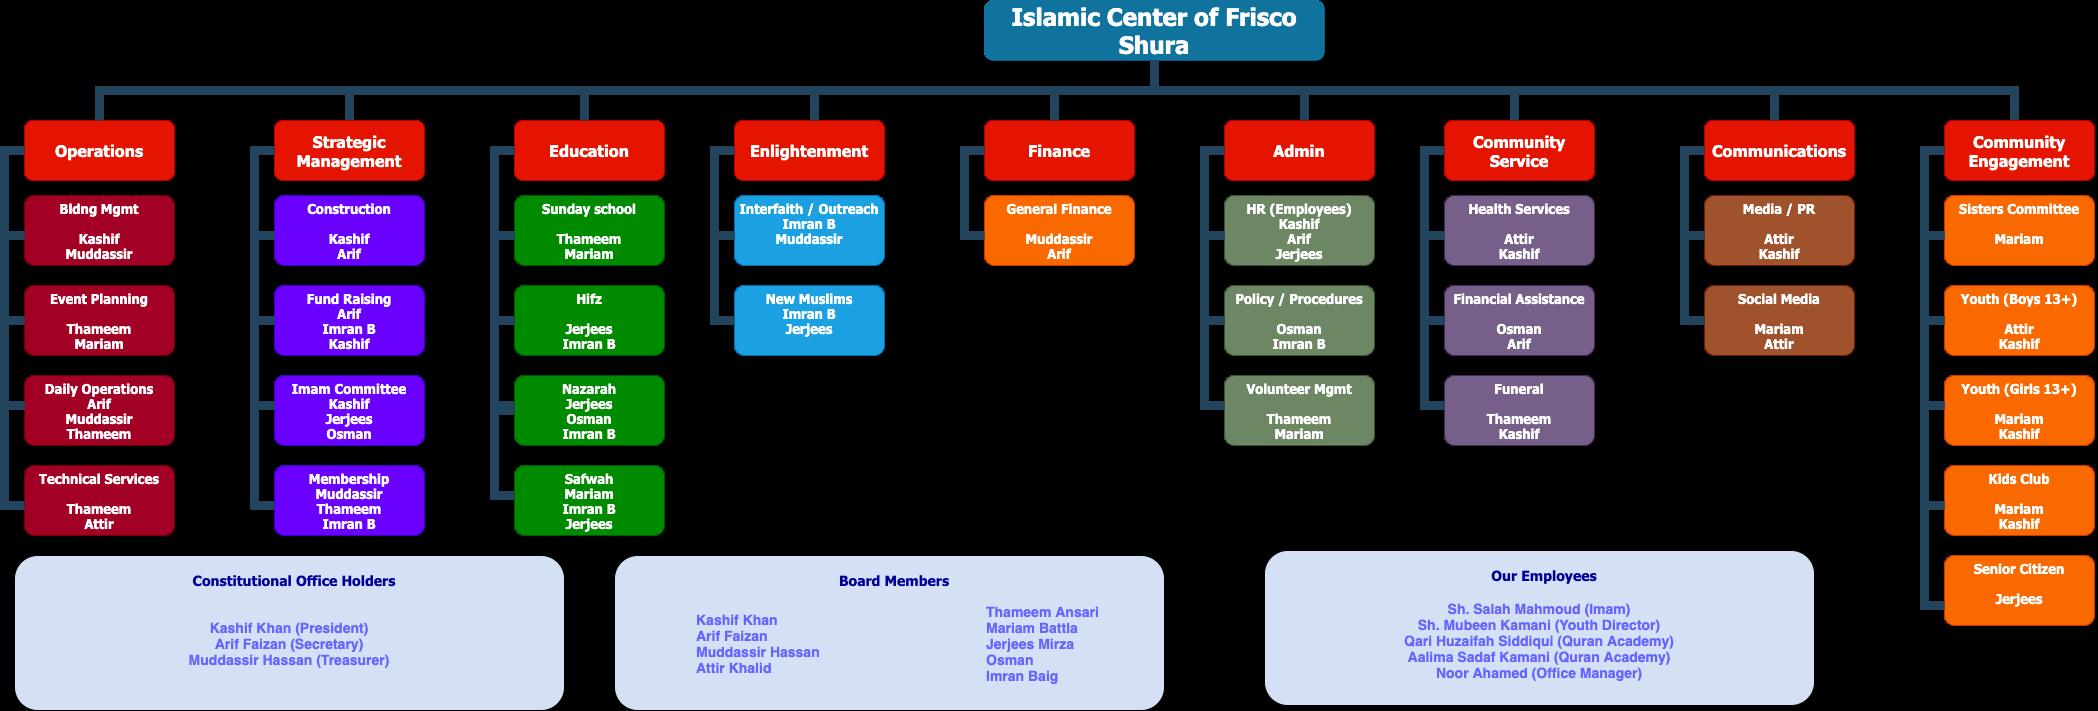 ICF Shura Committee Chart Aug 2021